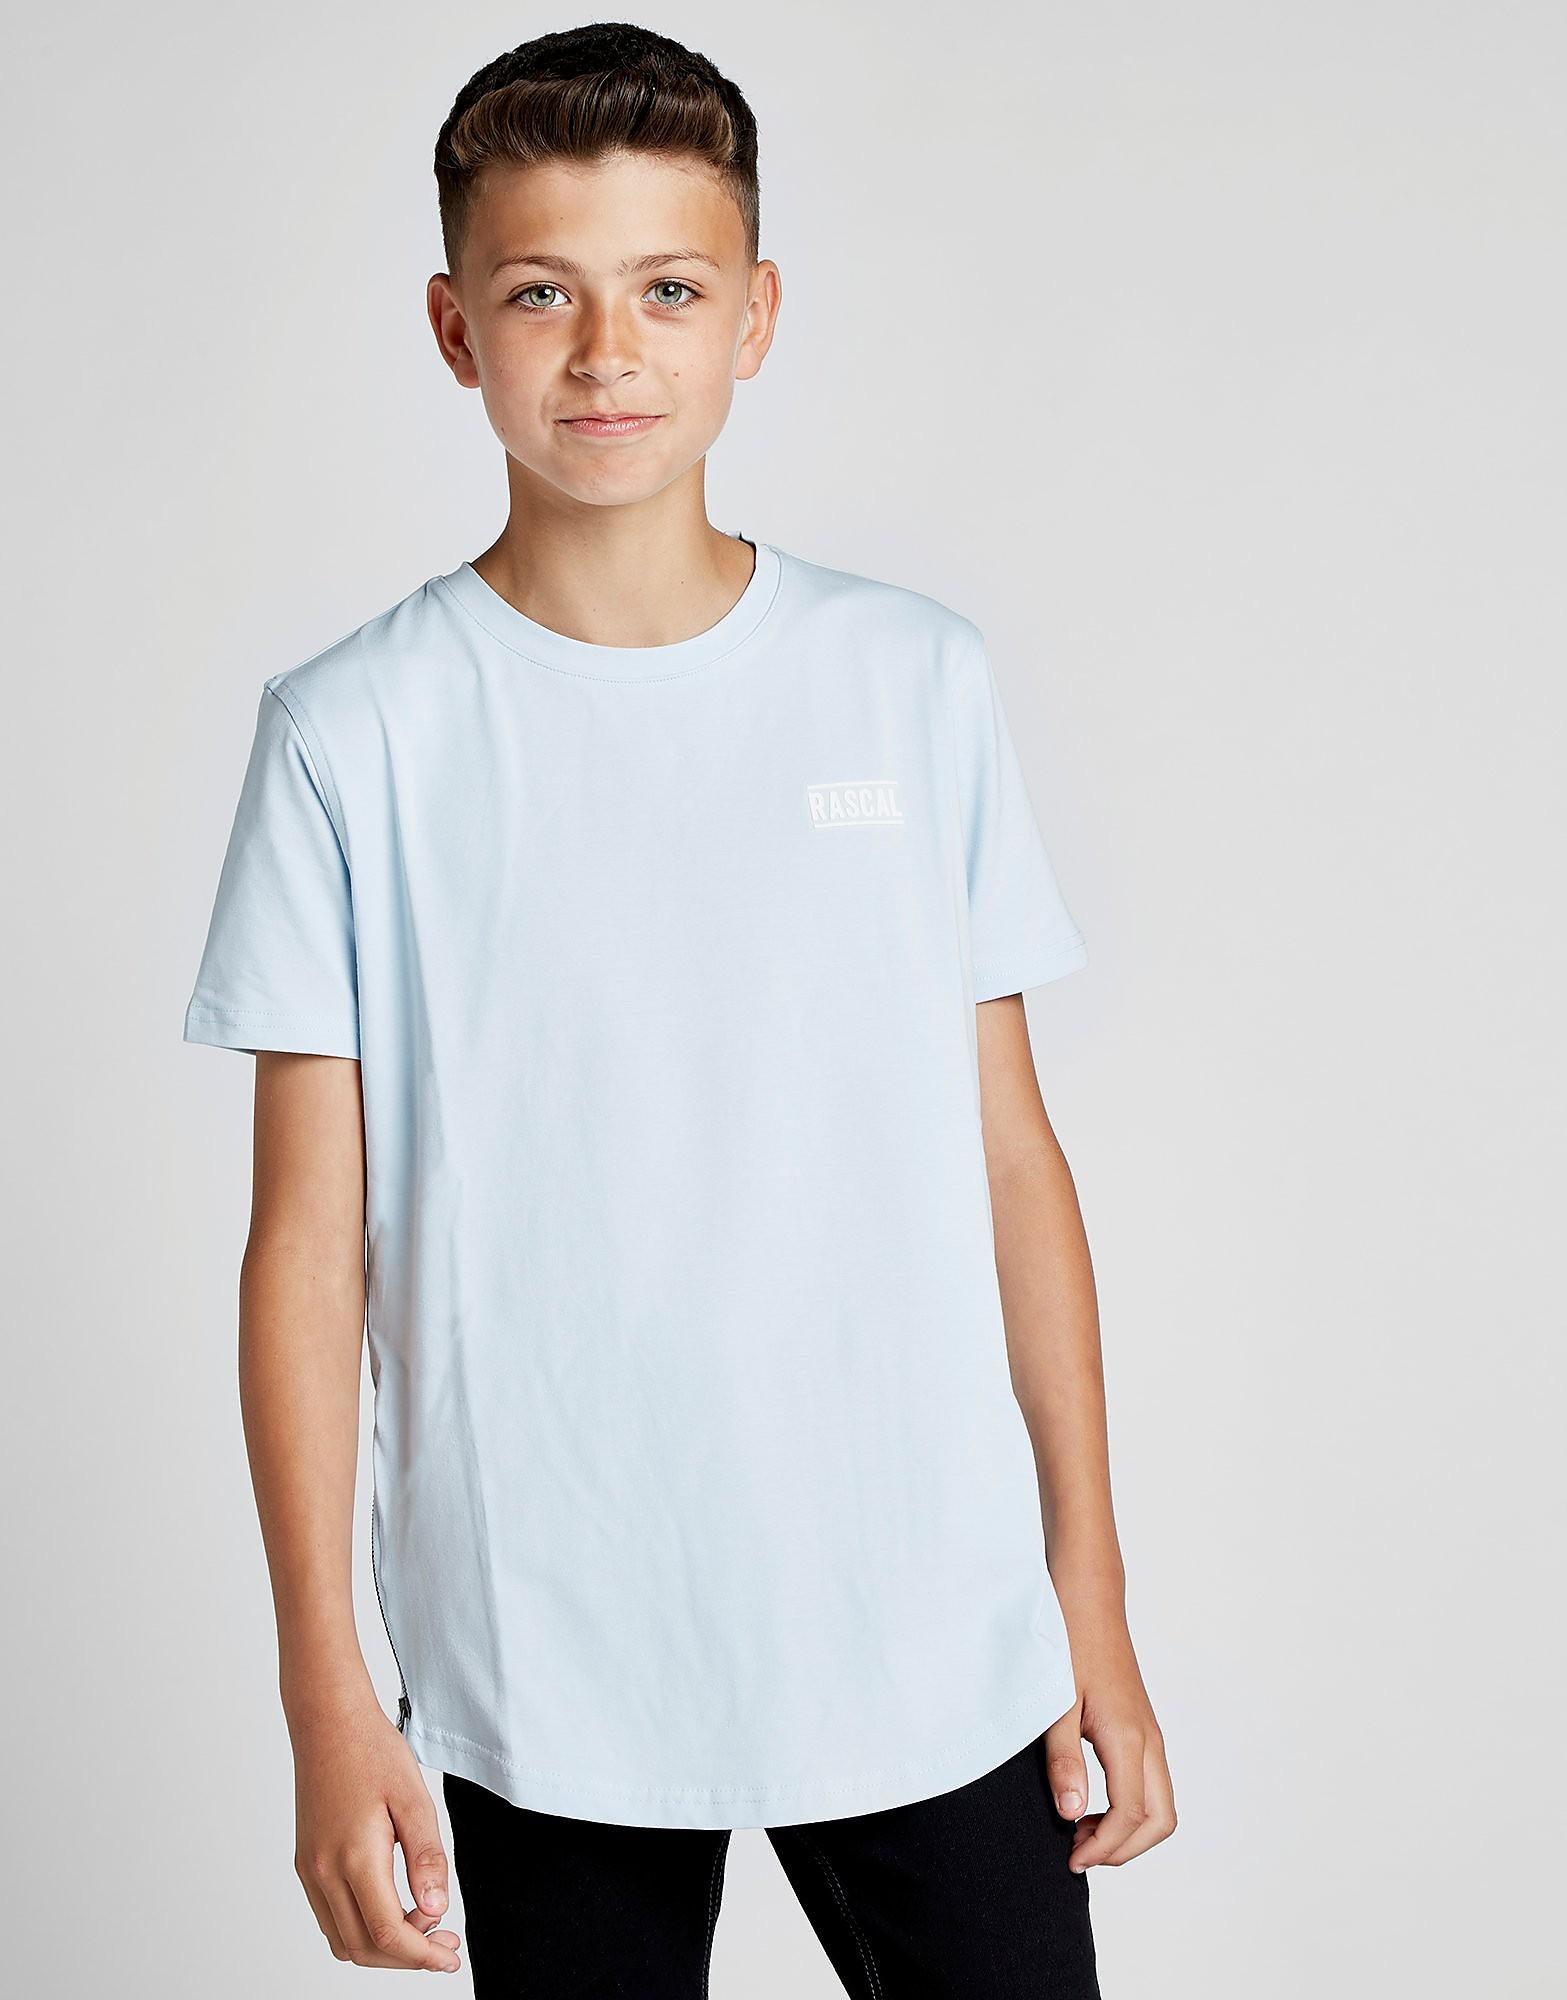 Rascal Excel Zip T-Shirt Junior - Blauw - Kind